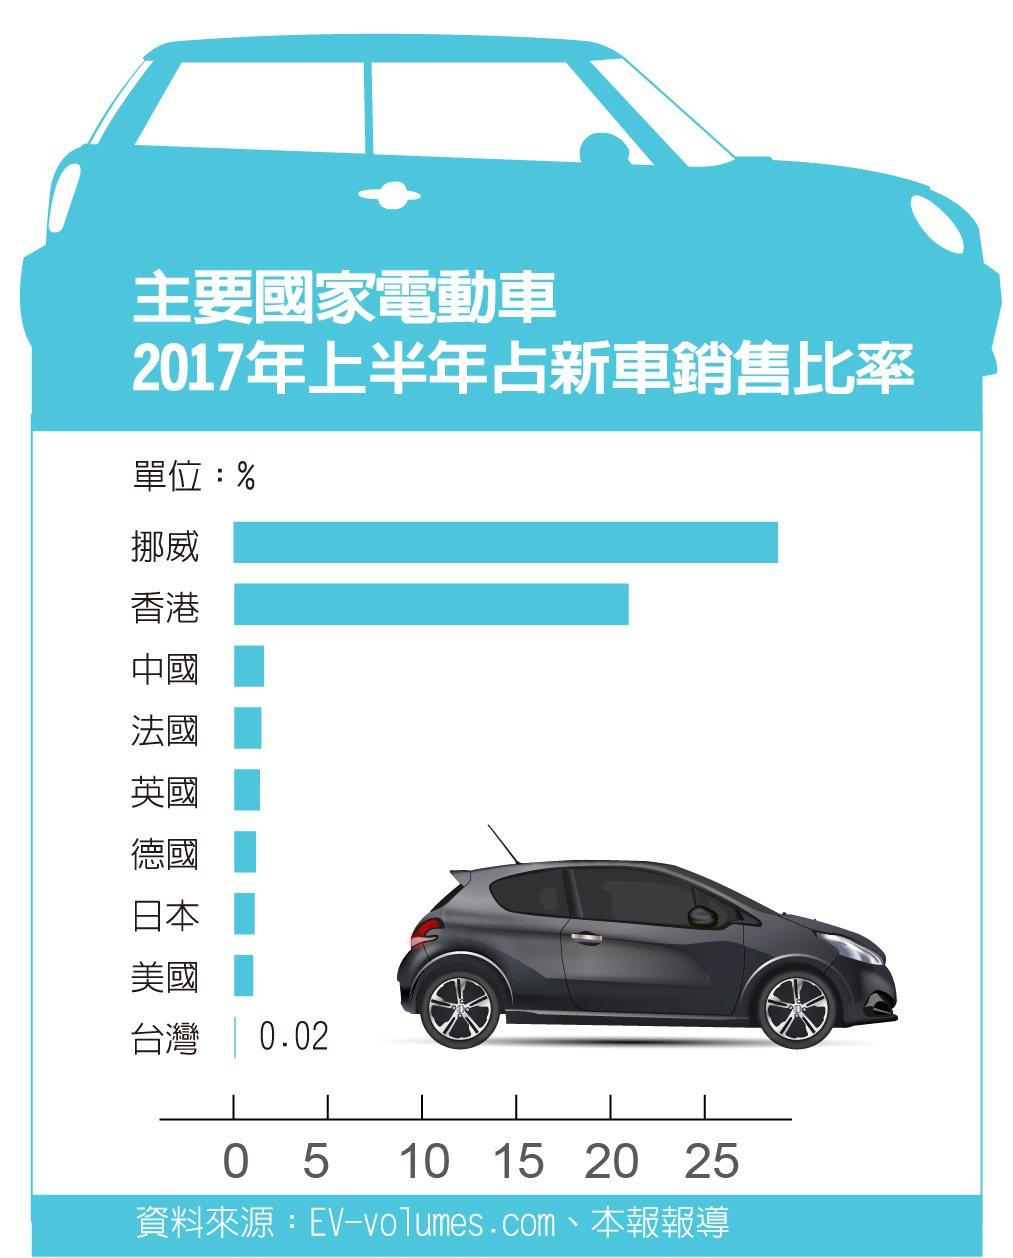 台灣電動車占新車銷售比率遠不如各國,還需很大的進步空間。